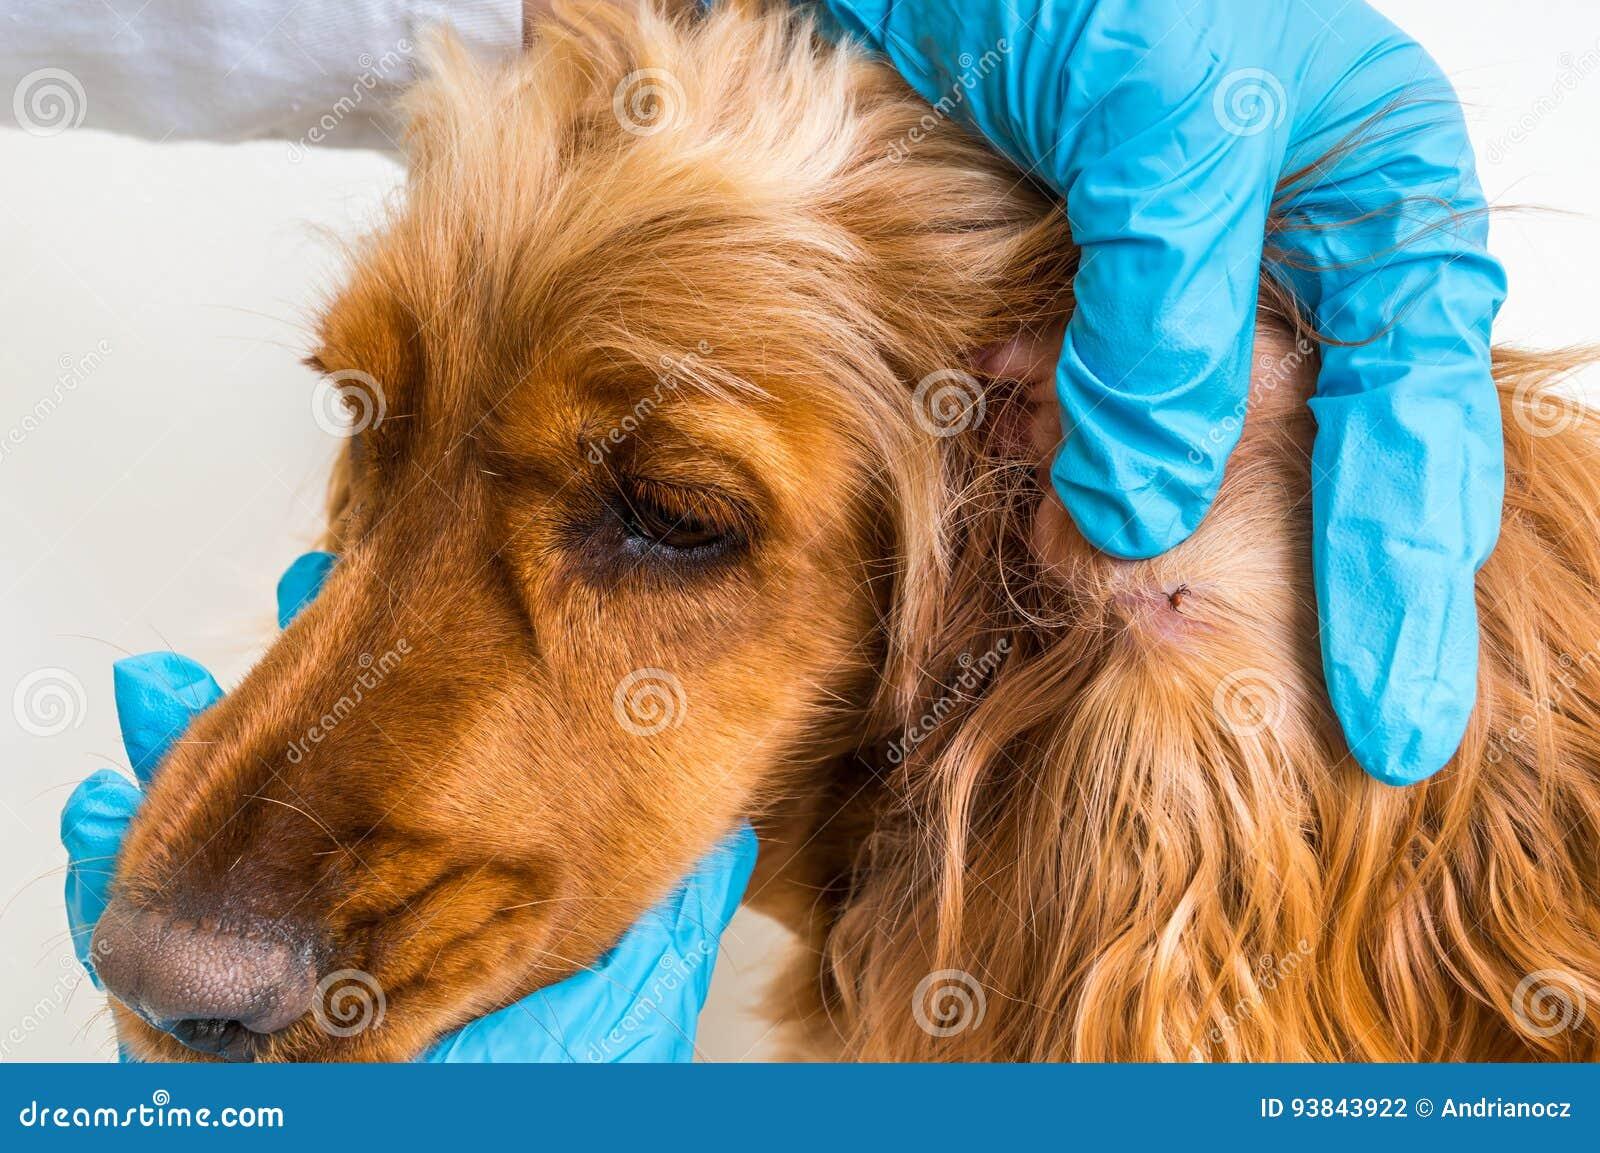 Tierarzt, der eine Zecke vom Cocker spaniel-Hund entfernt